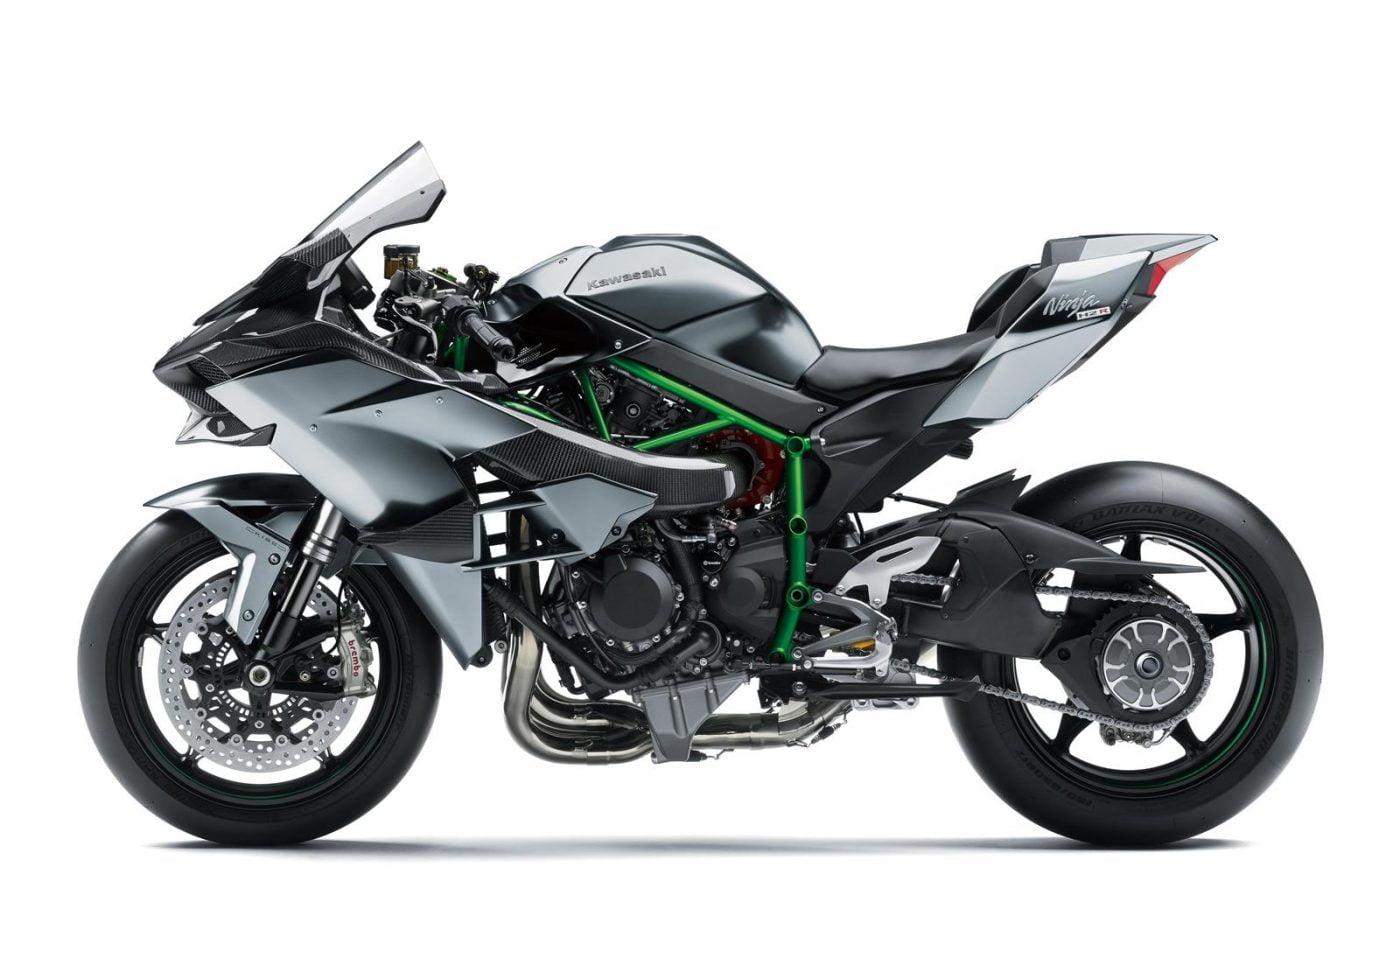 Kawasaki Ninja H2R fastest bike